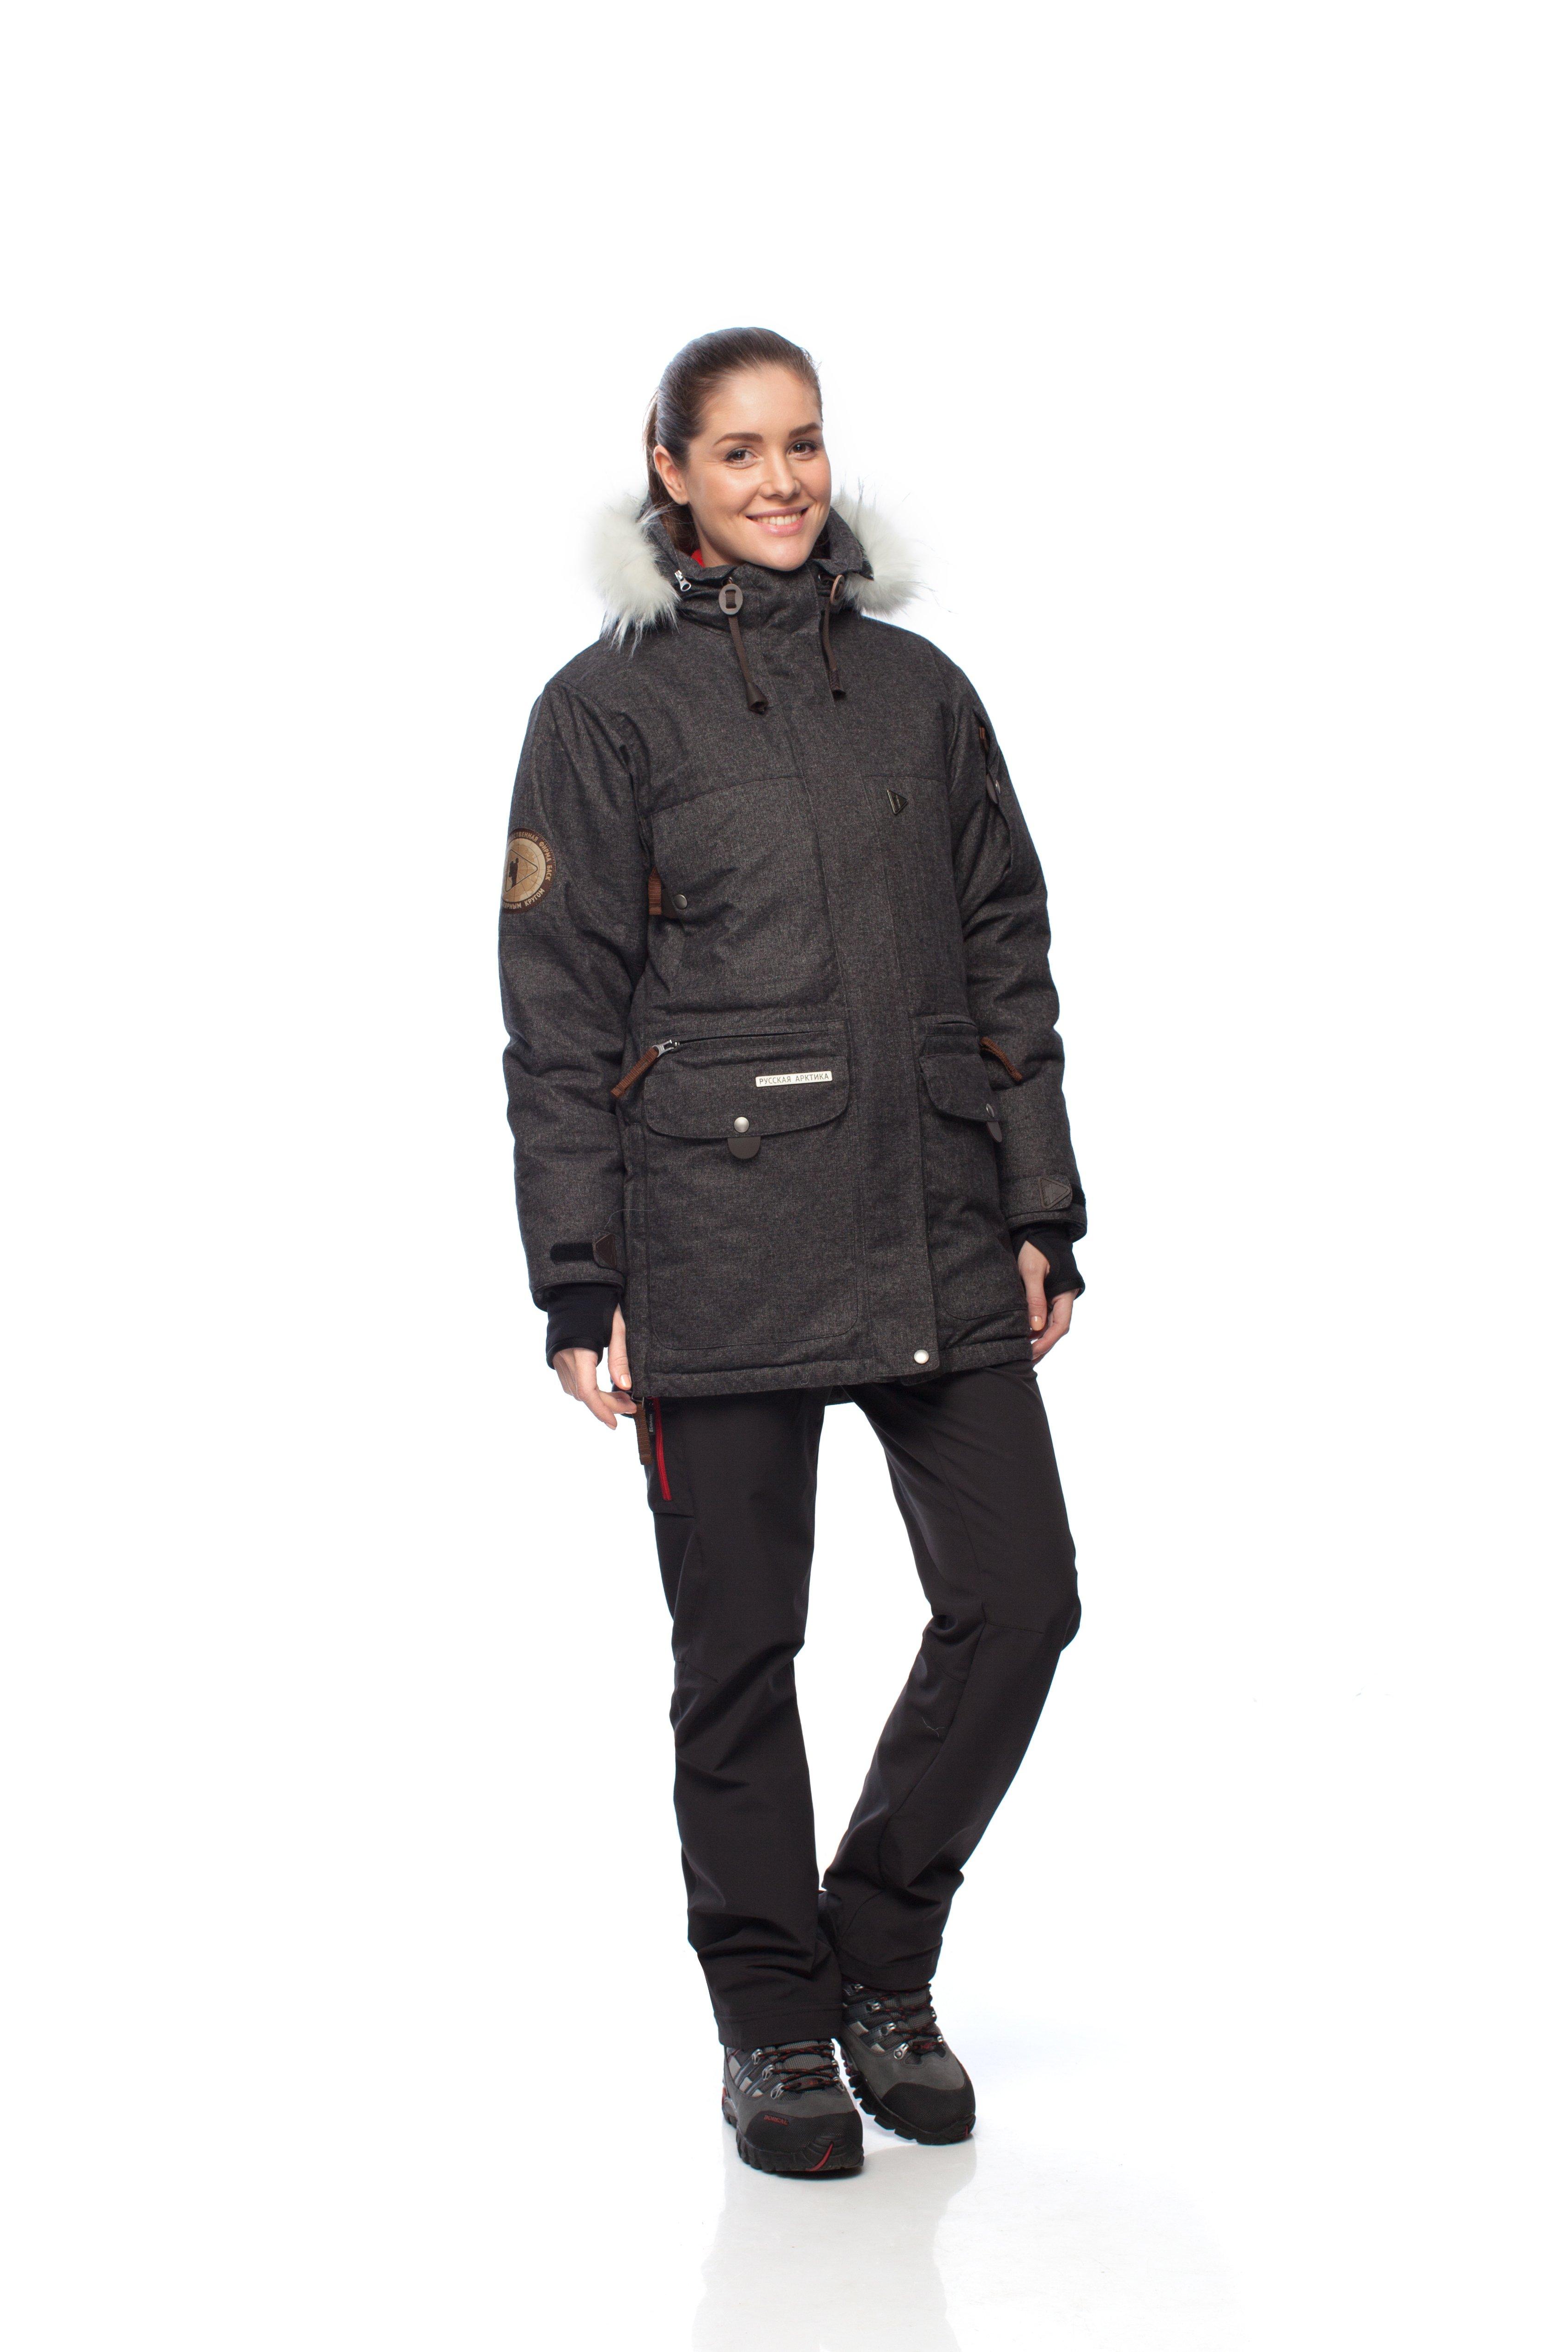 Куртка BASK SHL ONEGA LADY SOFT 1474AКуртки<br><br><br>&quot;Дышащие&quot; свойства: Да<br>Верхняя ткань: Advance® Alaska Melange<br>Вес граммы: 880<br>Вес утеплителя: 300<br>Ветро-влагозащитные свойства верхней ткани: Да<br>Ветрозащитная планка: Да<br>Ветрозащитная юбка: Да<br>Влагозащитные молнии: Нет<br>Внутренние манжеты: Да<br>Внутренняя ткань: Advance® Classic<br>Водонепроницаемость: 5000<br>Дублирующий центральную молнию клапан: Да<br>Защитный козырёк капюшона: Нет<br>Капюшон: Несъемный<br>Карман для средств связи: Нет<br>Количество внешних карманов: 8<br>Количество внутренних карманов: 2<br>Коллекция: Pole to Pole<br>Мембрана: Да<br>Объемный крой локтевой зоны: Да<br>Отстёгивающиеся рукава: Нет<br>Паропроницаемость: 5000<br>Пол: Женский<br>Проклейка швов: Нет<br>Регулировка манжетов рукавов: Да<br>Регулировка низа: Нет<br>Регулировка объёма капюшона: Да<br>Регулировка талии: Да<br>Регулируемые вентиляционные отверстия: Нет<br>Световозвращающая лента: Нет<br>Температурный режим: -35<br>Технология Thermal Welding: Нет<br>Технология швов: Простые<br>Тип молнии: Двухзамковая<br>Тип утеплителя: Синтетический<br>Ткань усиления: Нет<br>Усиление контактных зон: Нет<br>Утеплитель: Shelter®Sport<br>Размер RU: 48<br>Цвет: КОРИЧНЕВЫЙ